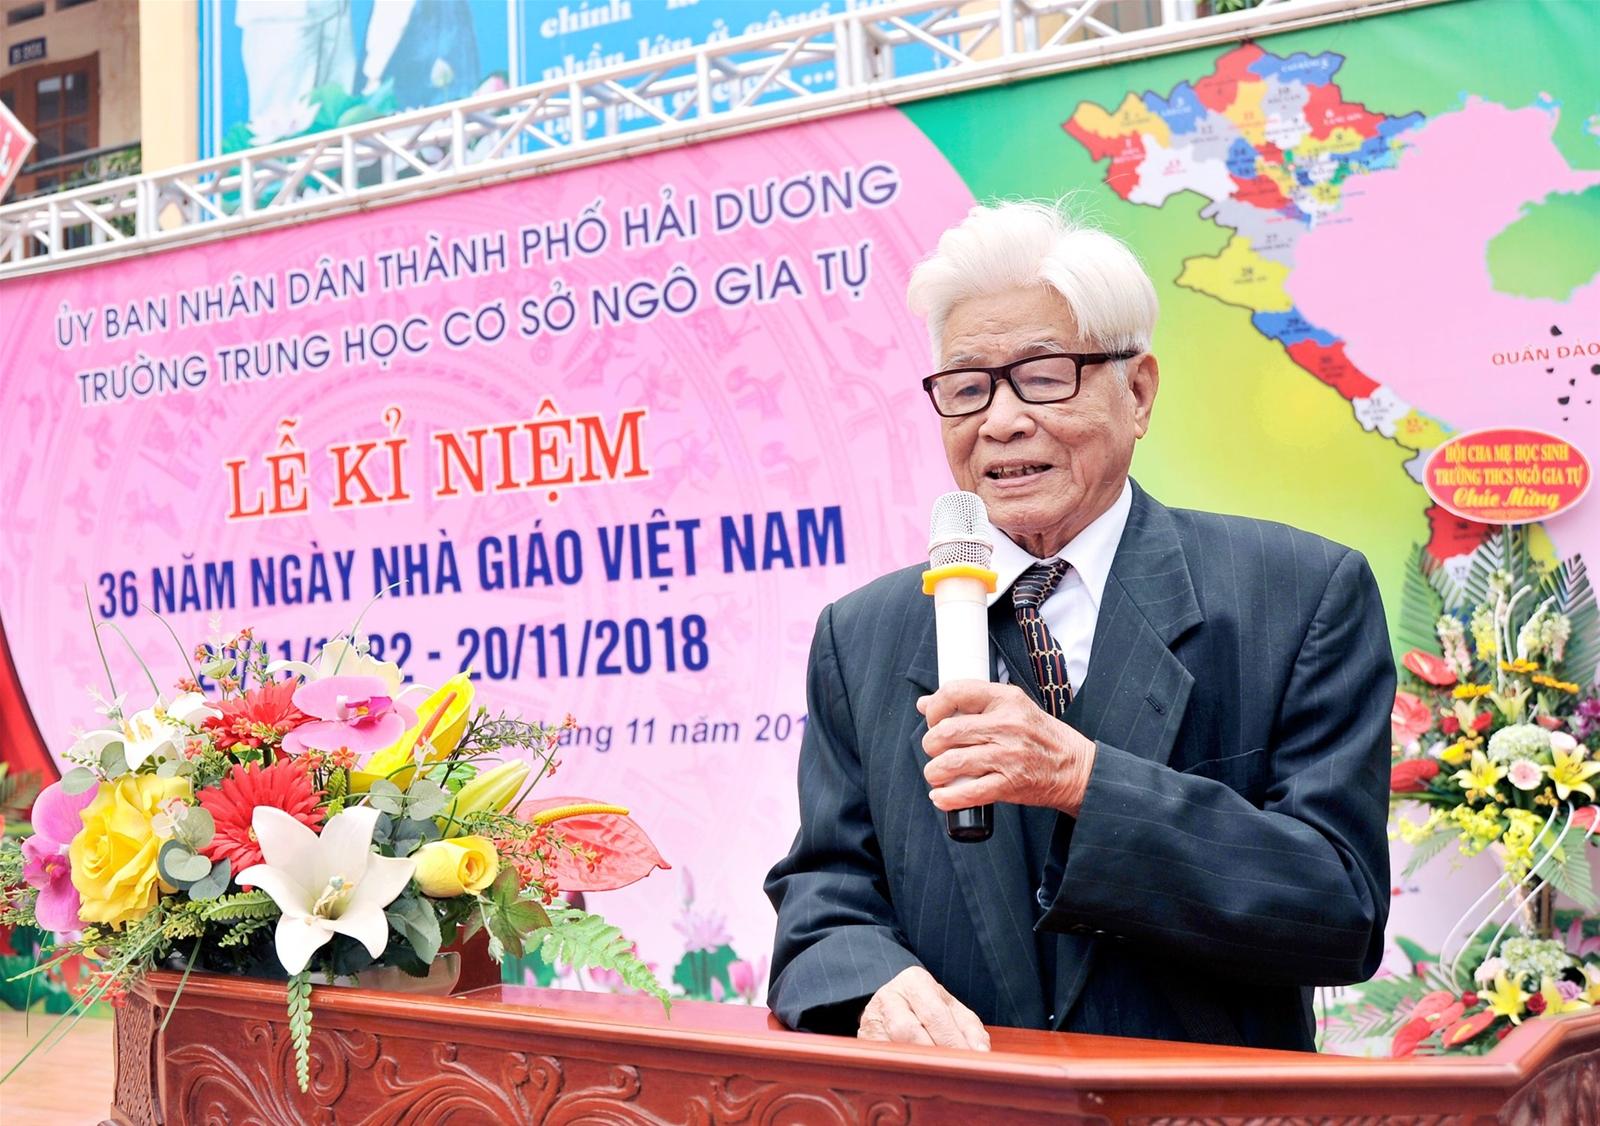 Thầy Nguyễn Huy Khoát